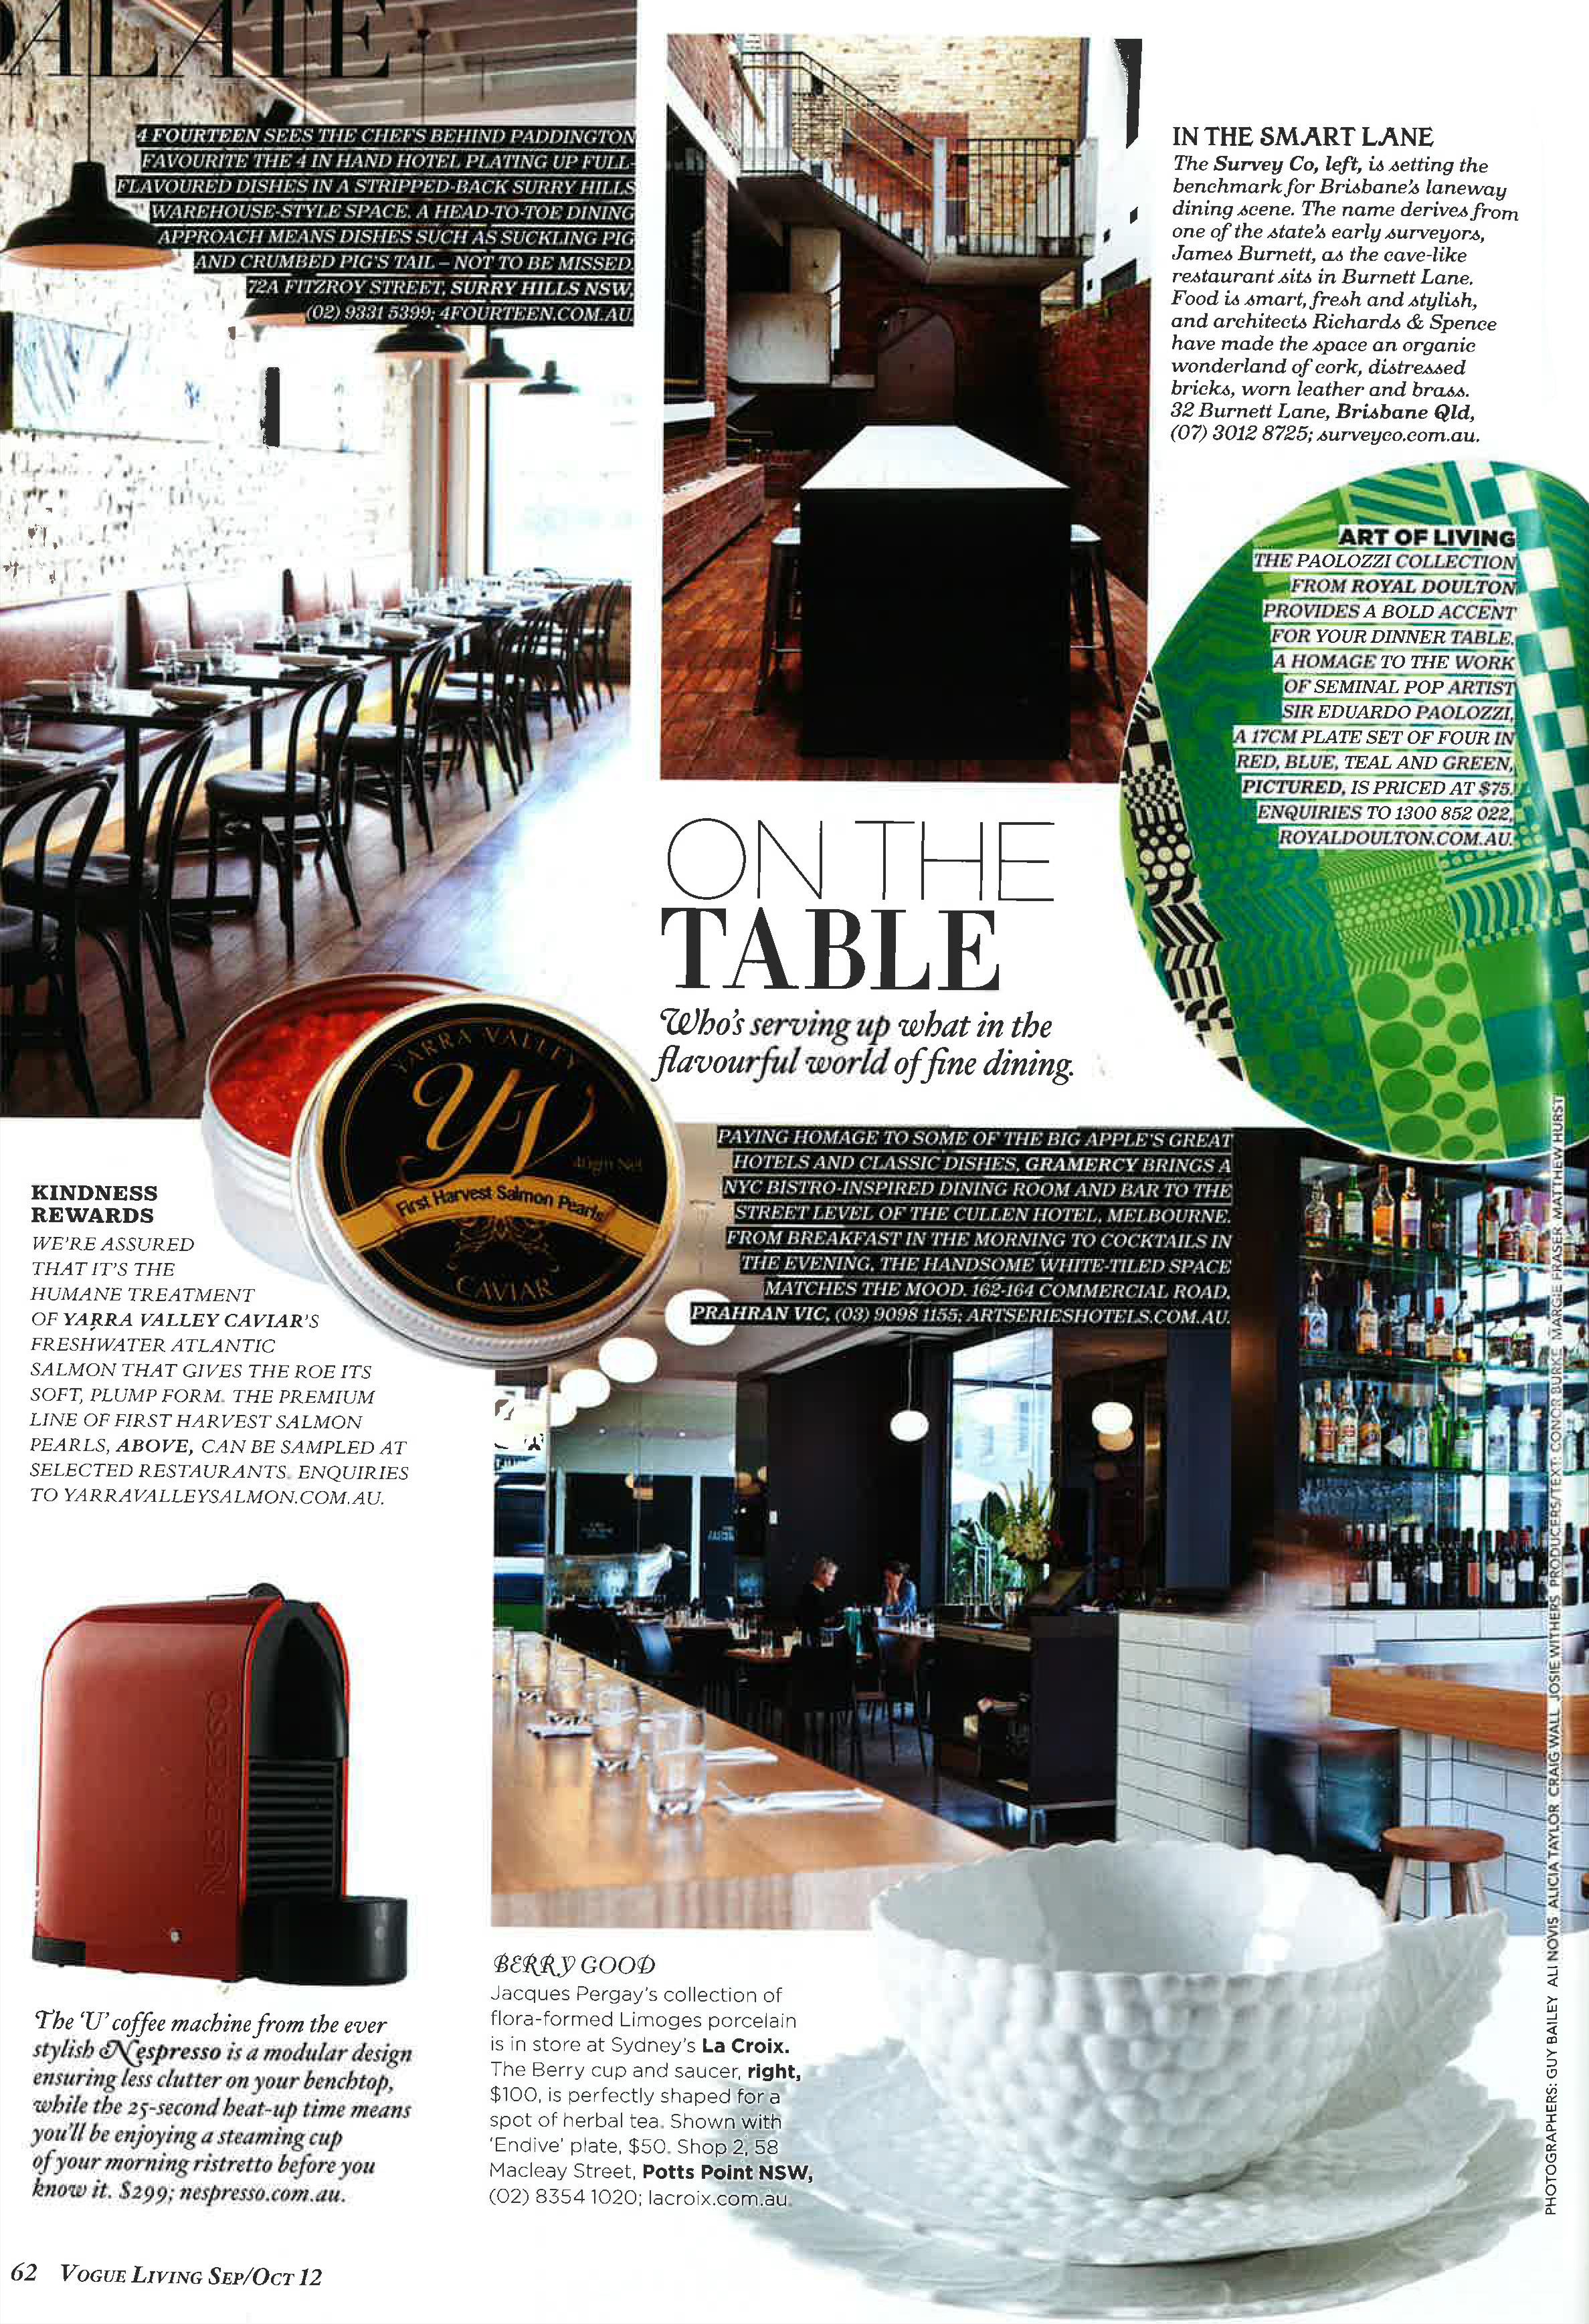 Survey Co article_Vogue living.jpg